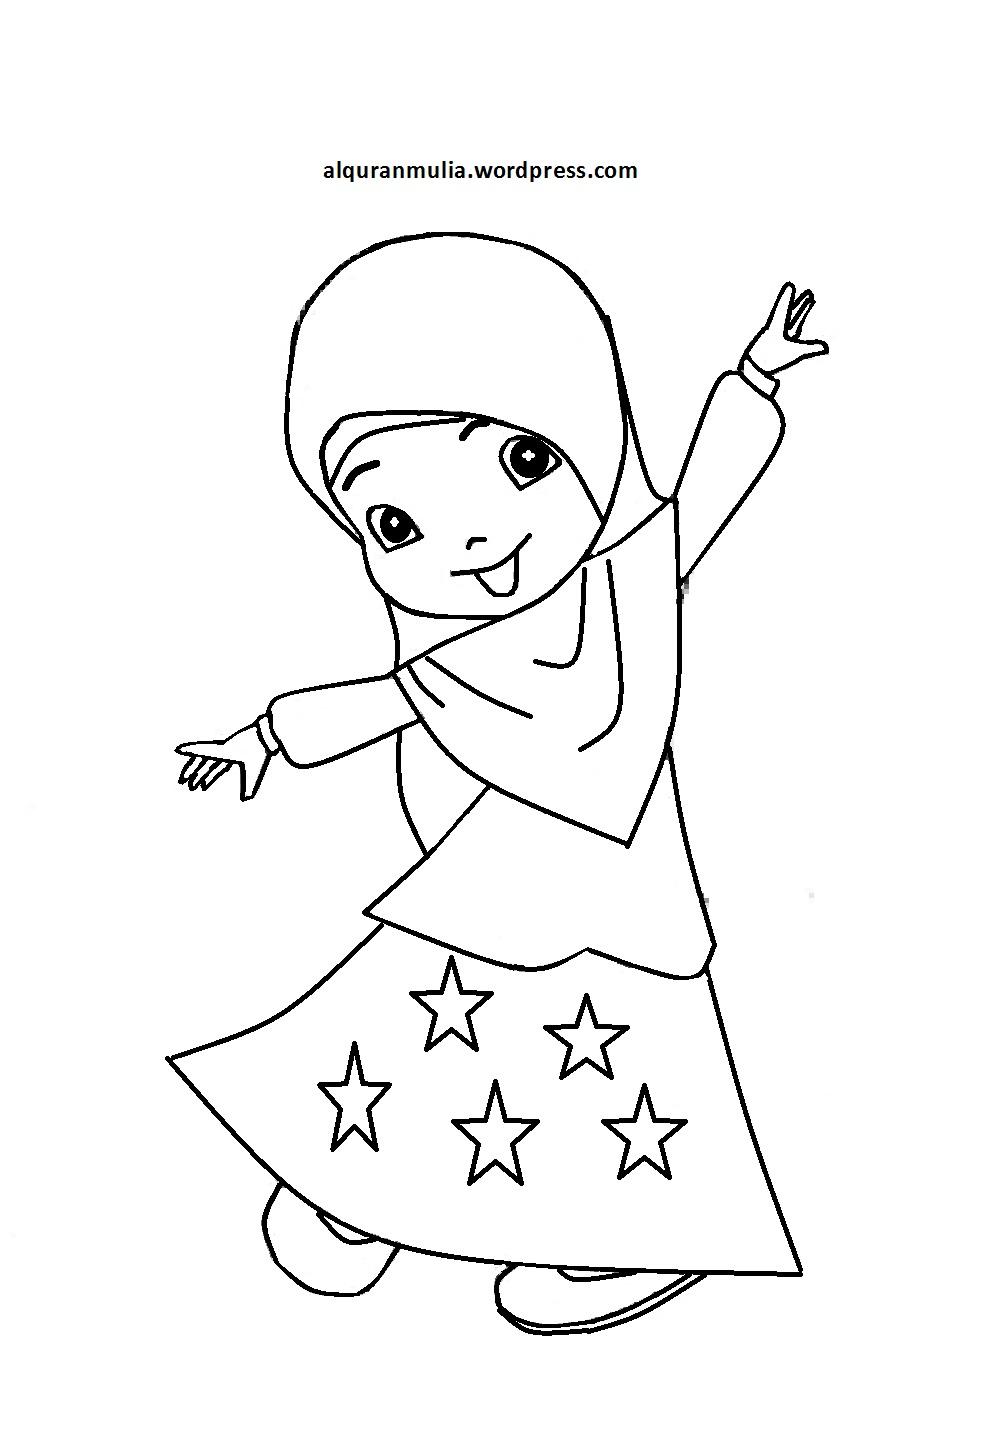 Mewarnai Gambar Kartun Anak Muslimah 78 Alquranmulia